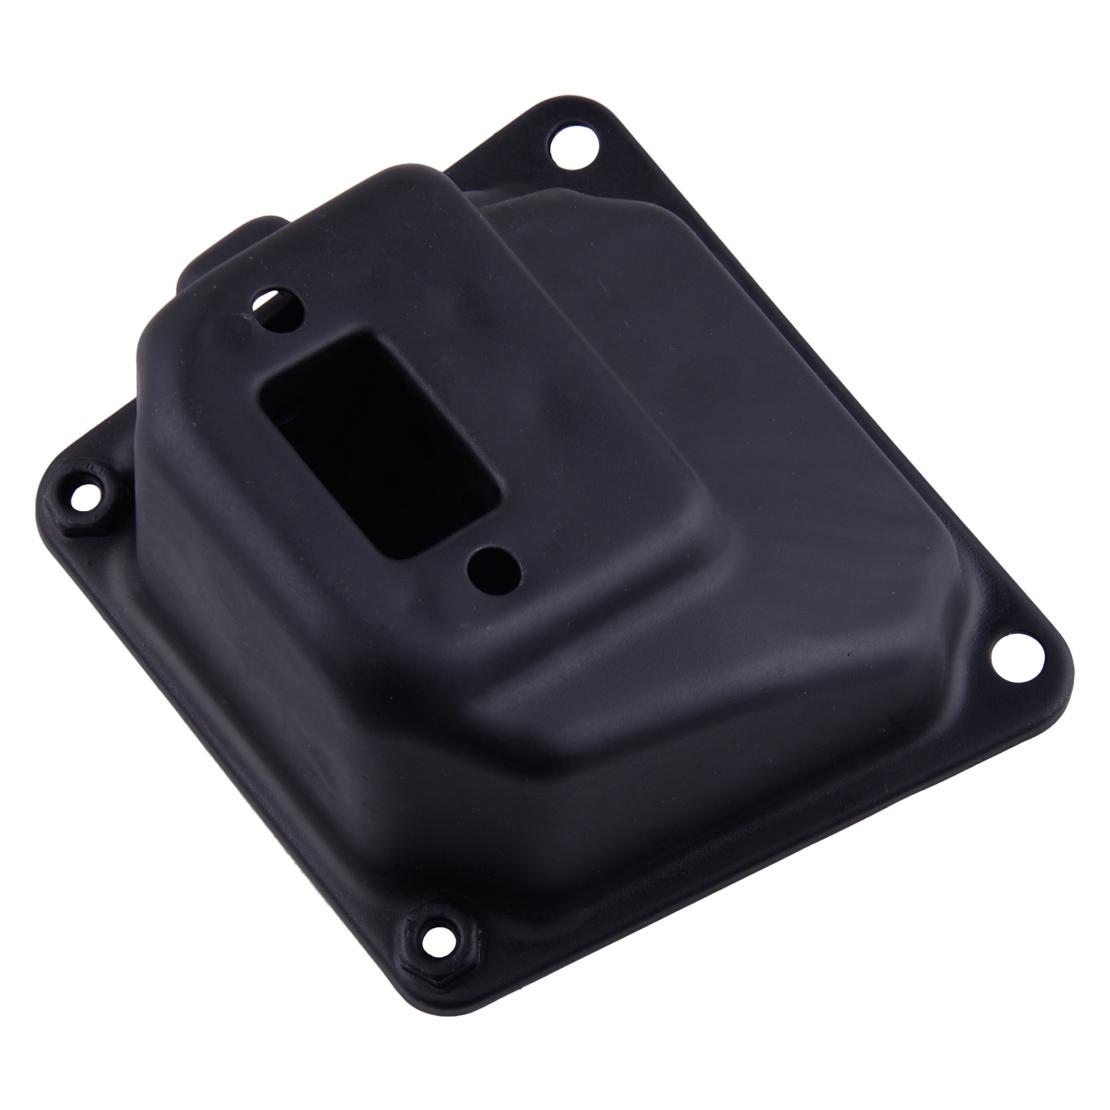 Schalldämpfer Auspuff für STIHL 038 038AV MAGNUM MS380 Kettensäge Motorsäge